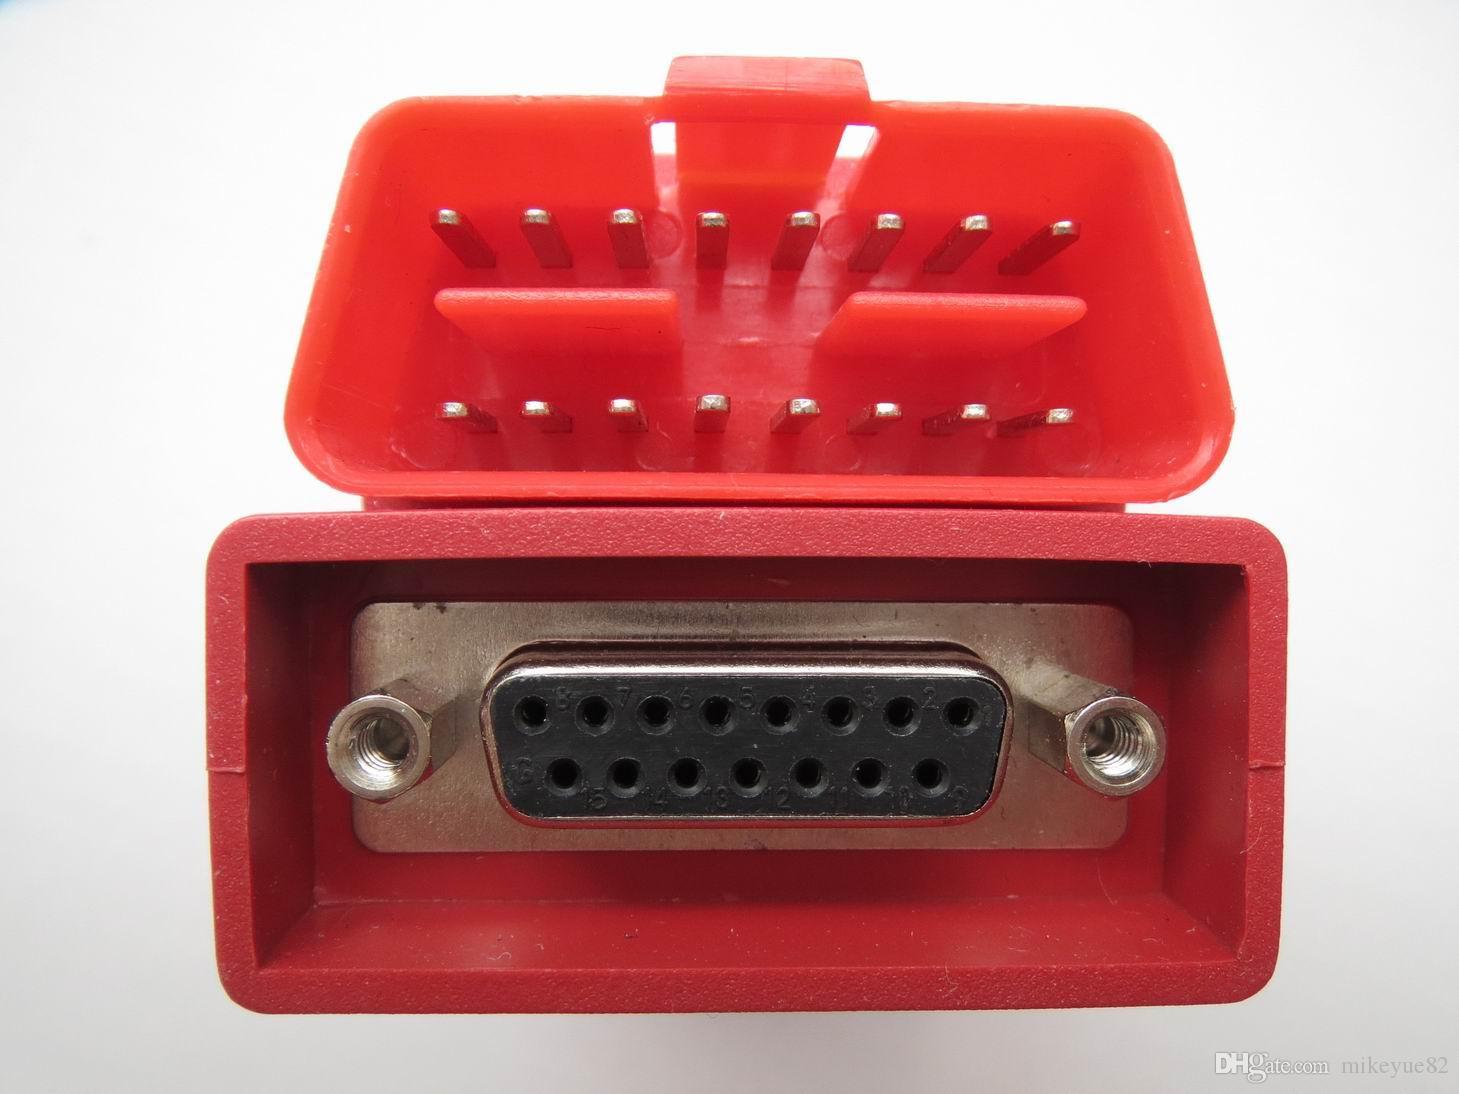 OBDSTAR OBDII-16 Adaptörü için X100 + X200 X300PRO OBD II Connecter OBD 2 OBD-II Adaptörü OBDII Obd2 Adaptörü OBD2 Bağlayıcı OBDII